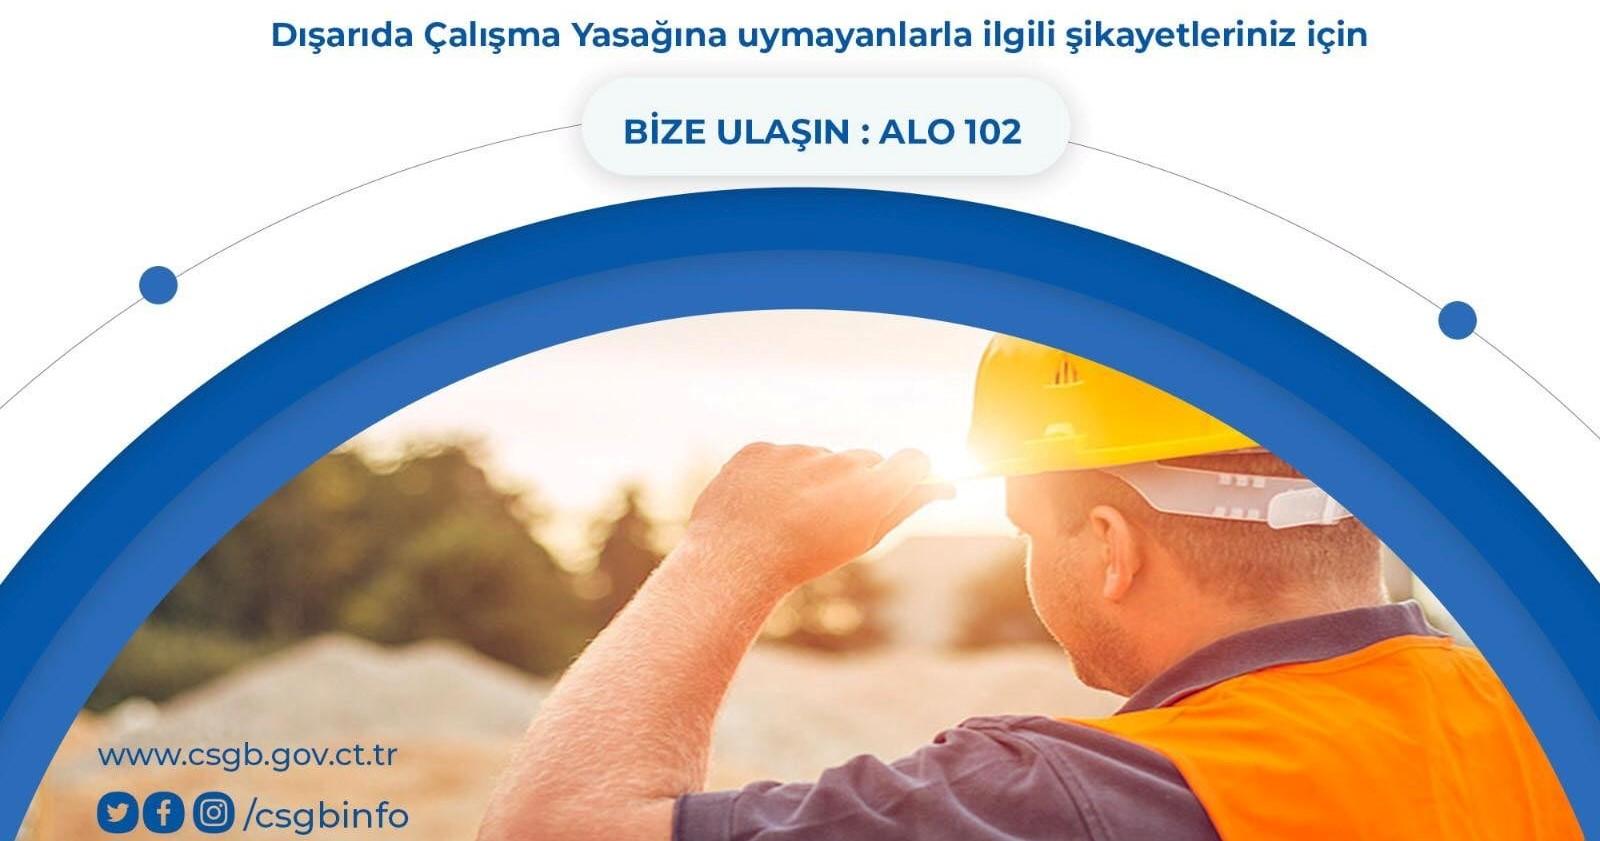 Aşırı Sıcaklarda Dışarda Çalışma Yasağına Uymayanlar İçin Alo 102 İhbar Hattı Devrede